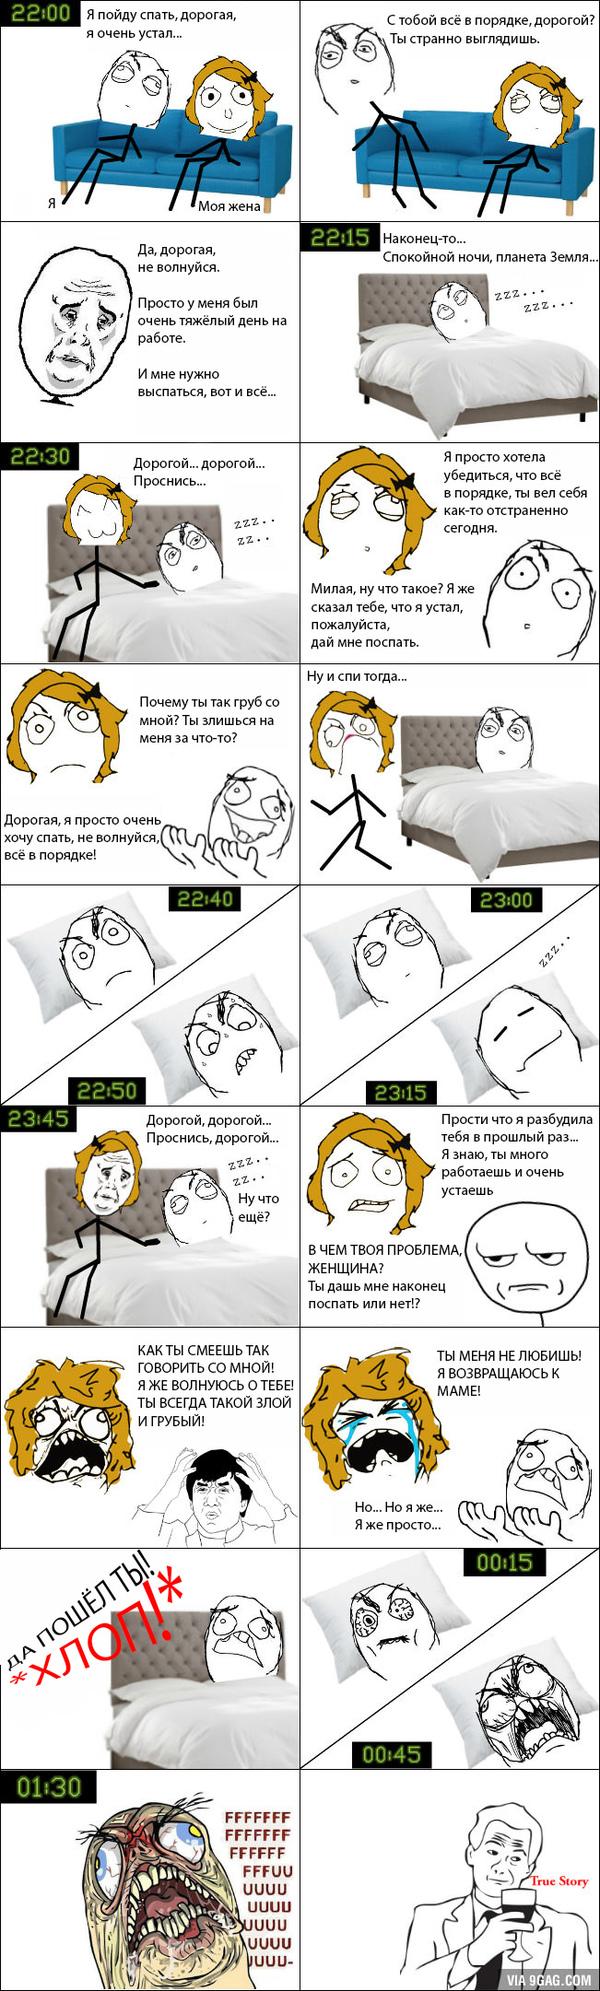 Женская логика. Женская логика, Сон, 9gag, Перевод, Длиннопост, Мемы